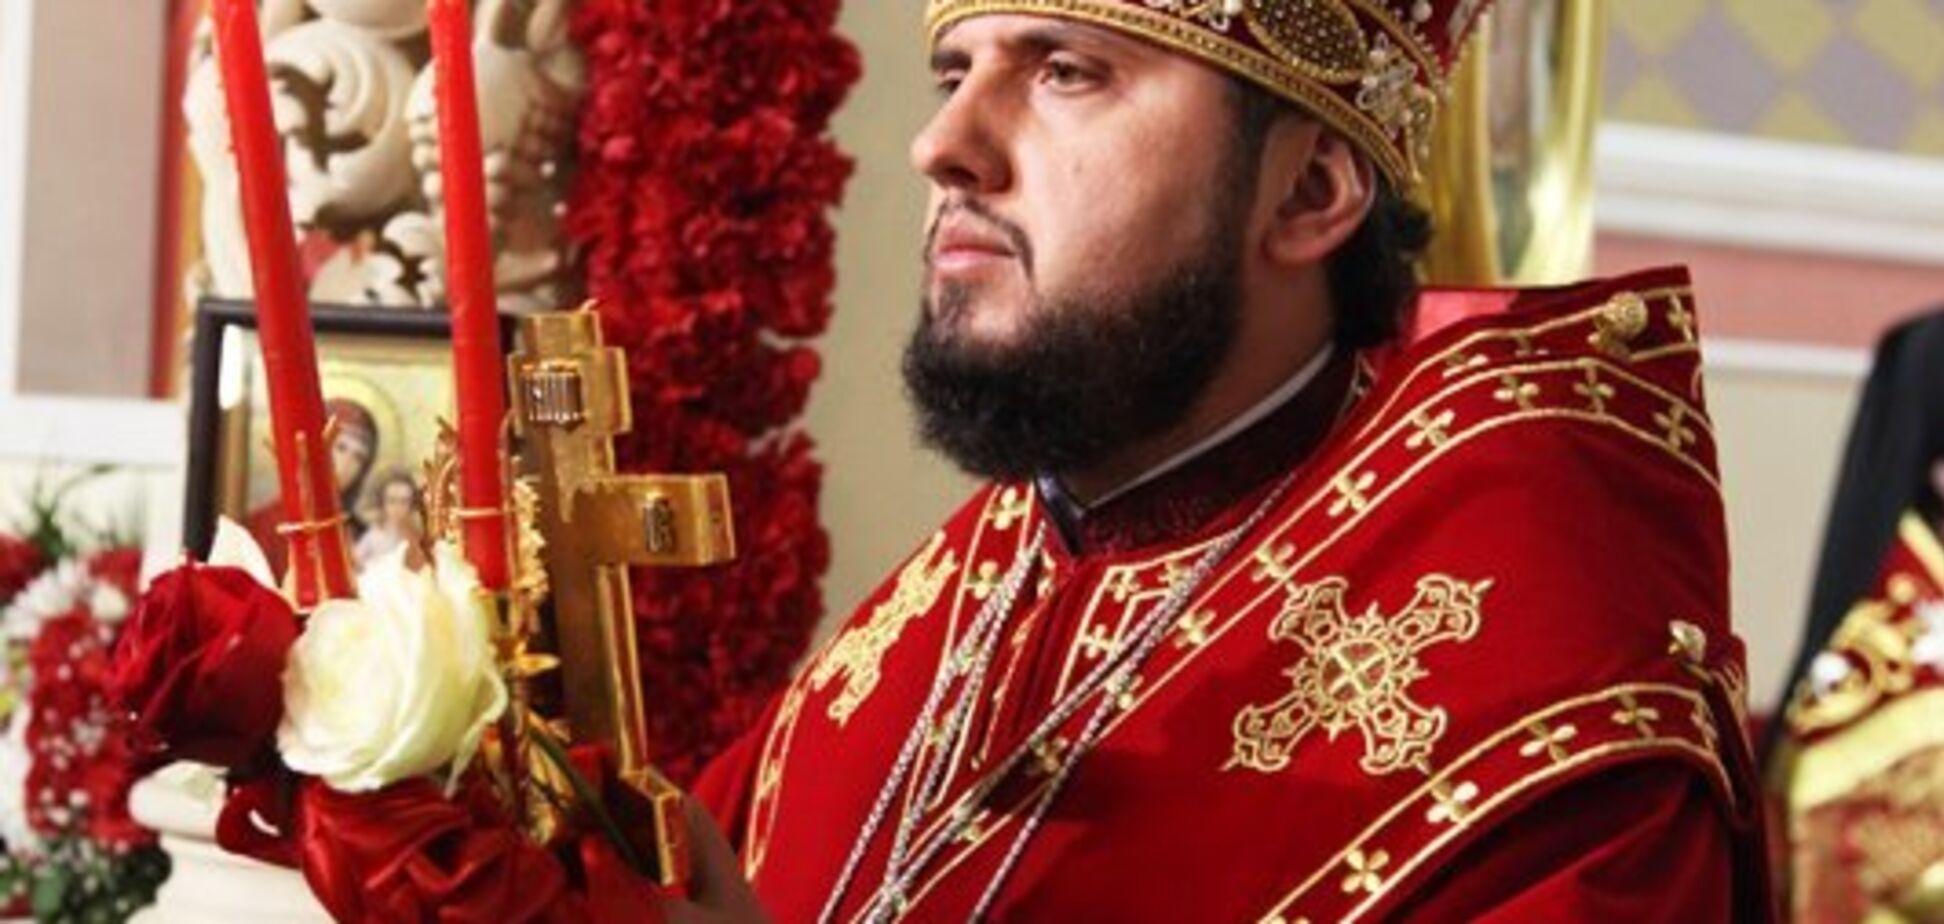 Митрополит Епифаний: стало известно о ''закрытой странице из жизни'' главы единой церкви